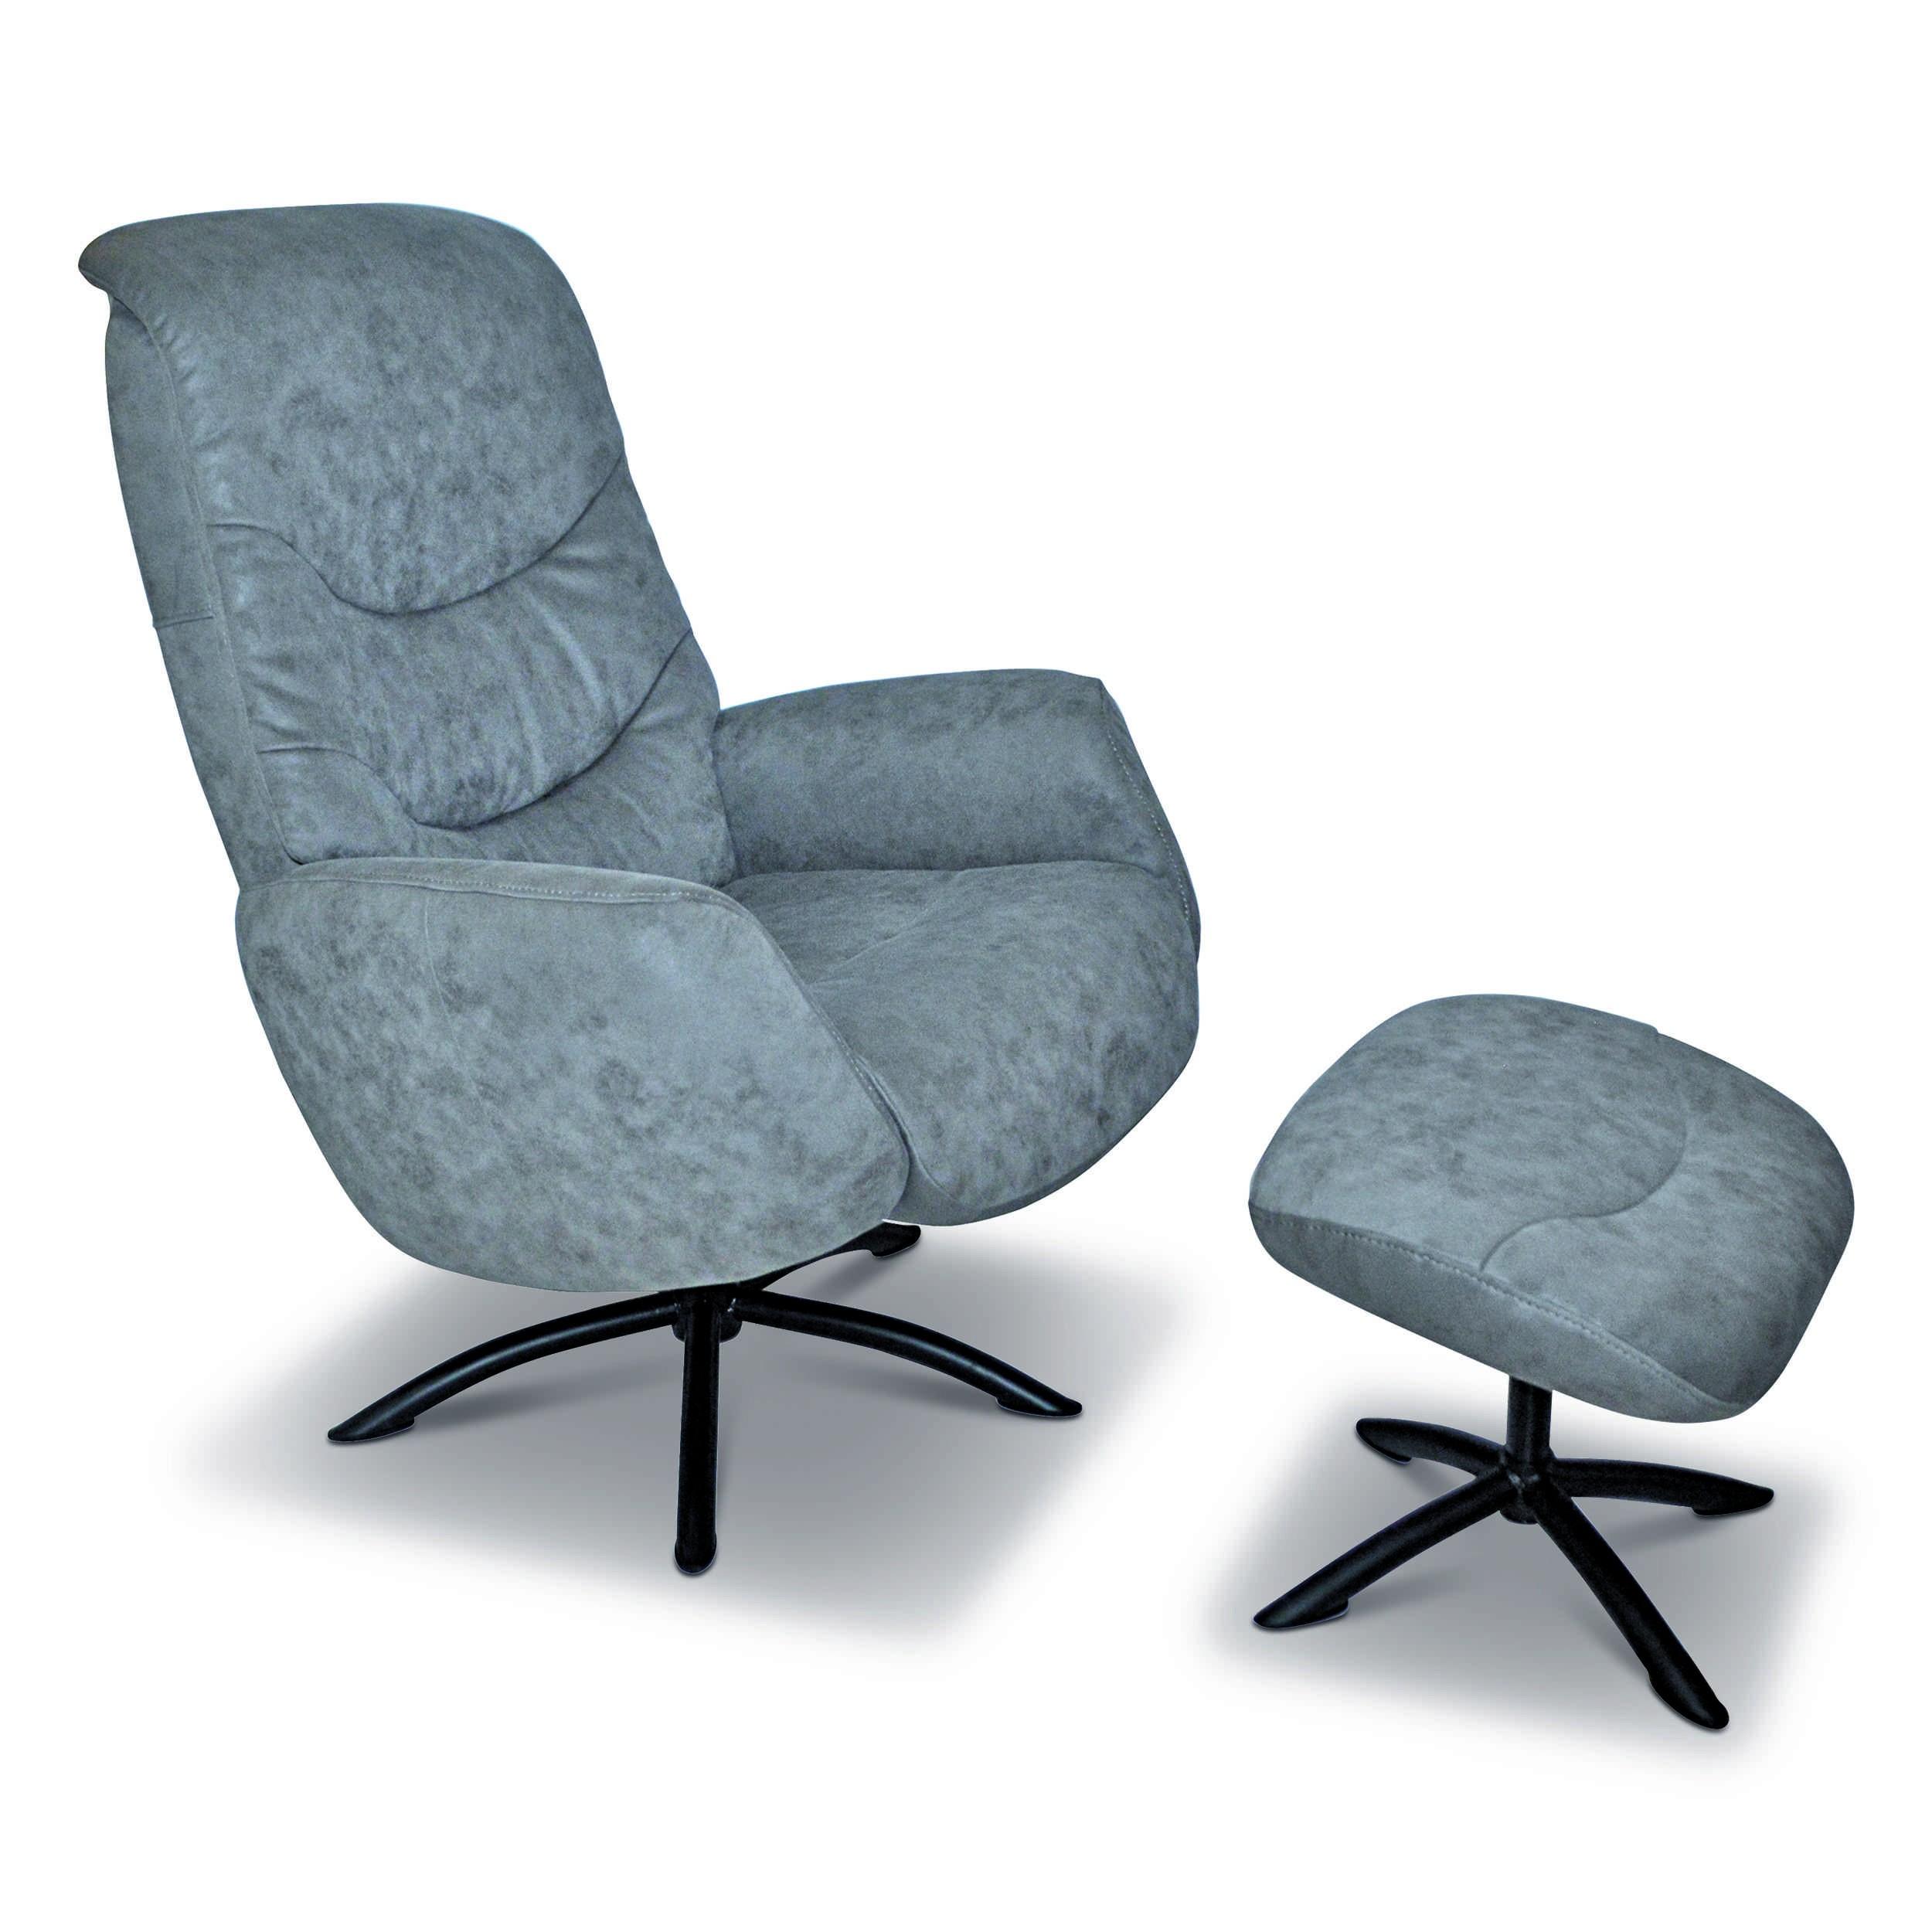 sessel mit hocker milford grau mikrofaser online kaufen bei woonio. Black Bedroom Furniture Sets. Home Design Ideas